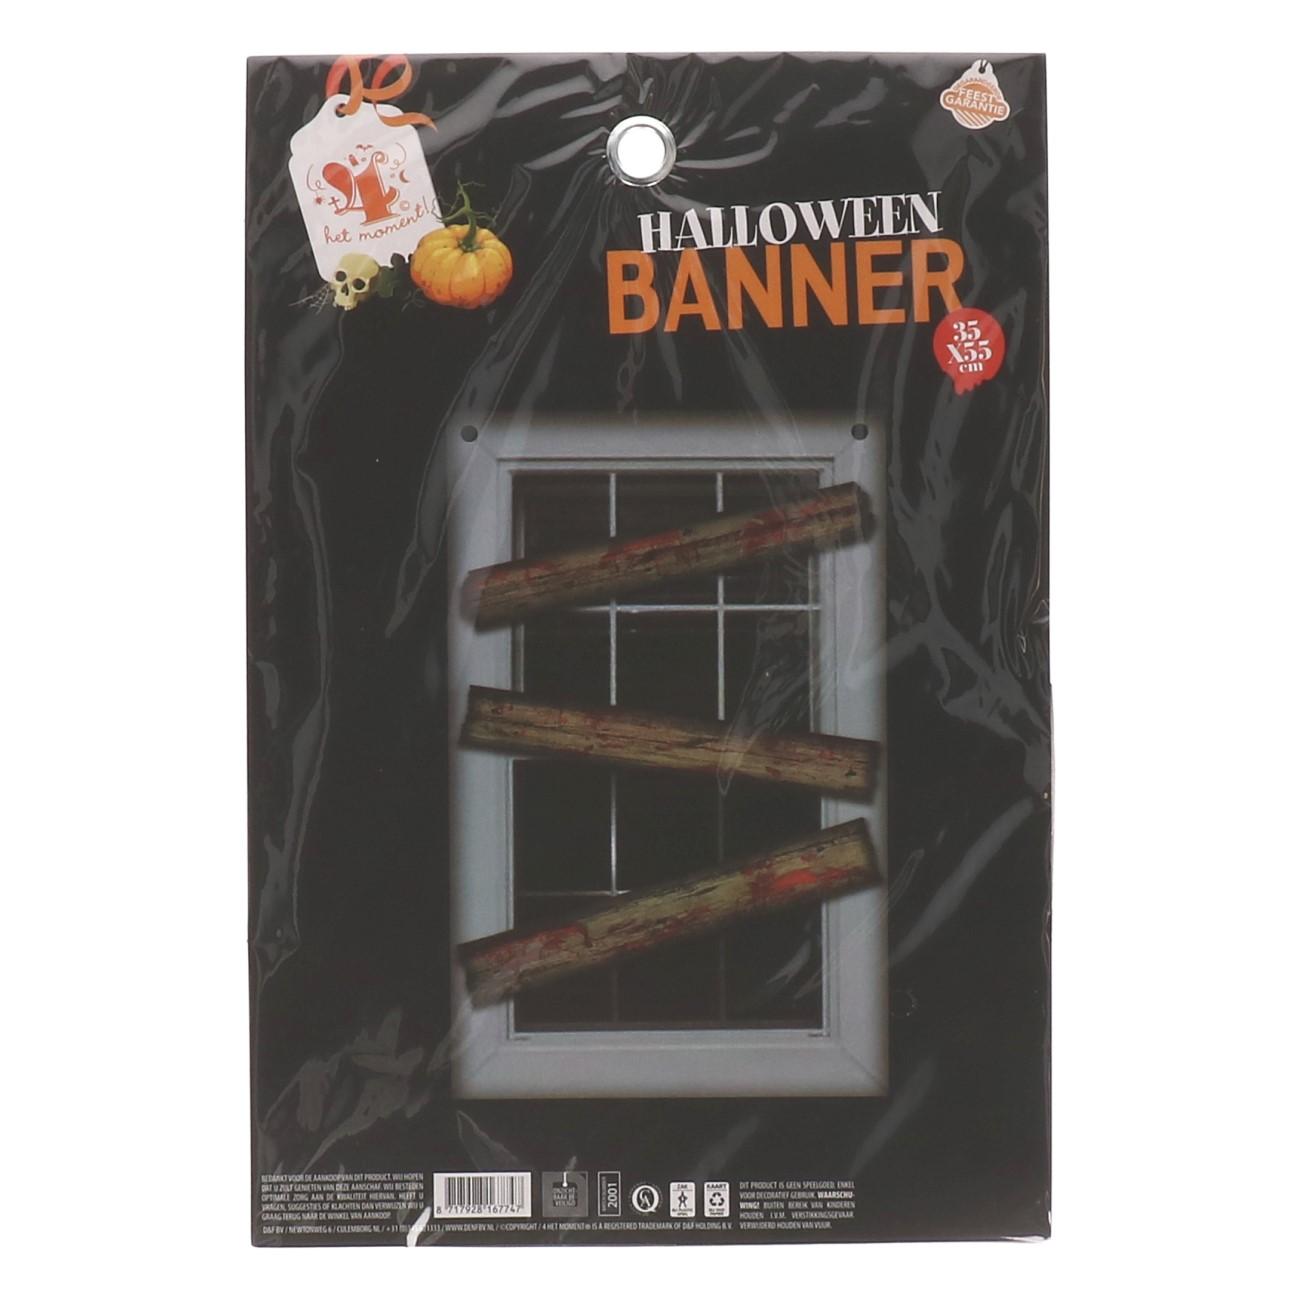 Halloween banner window